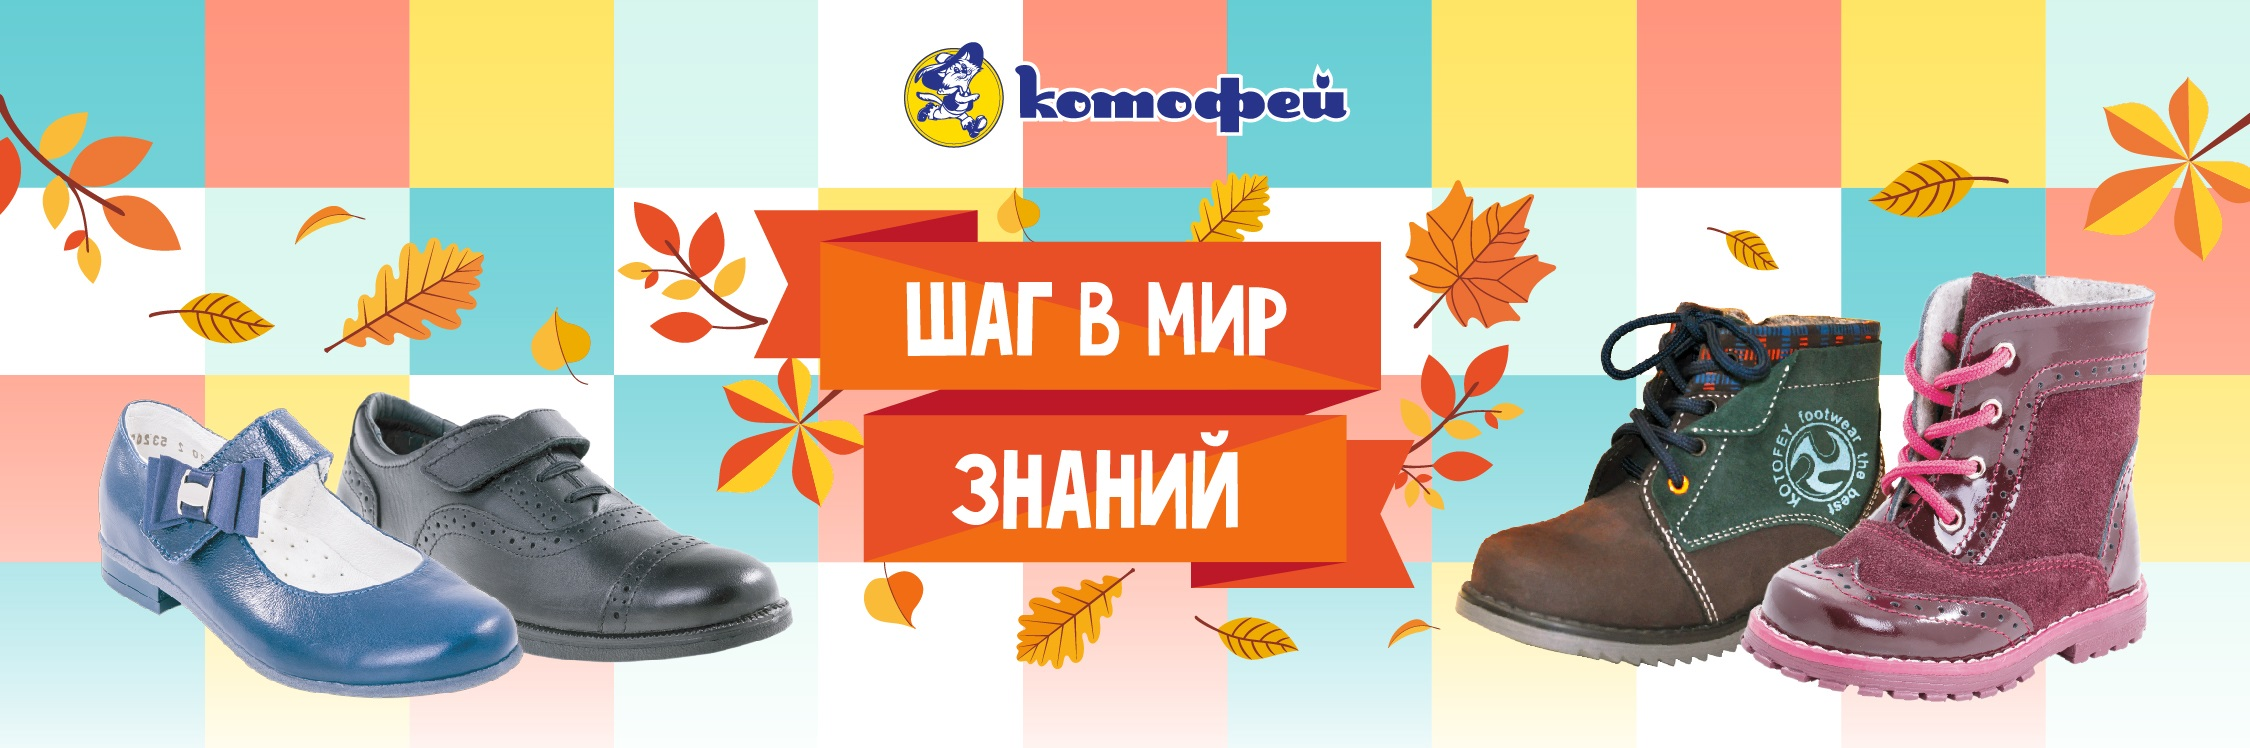 Размер обуви 10 какой русский